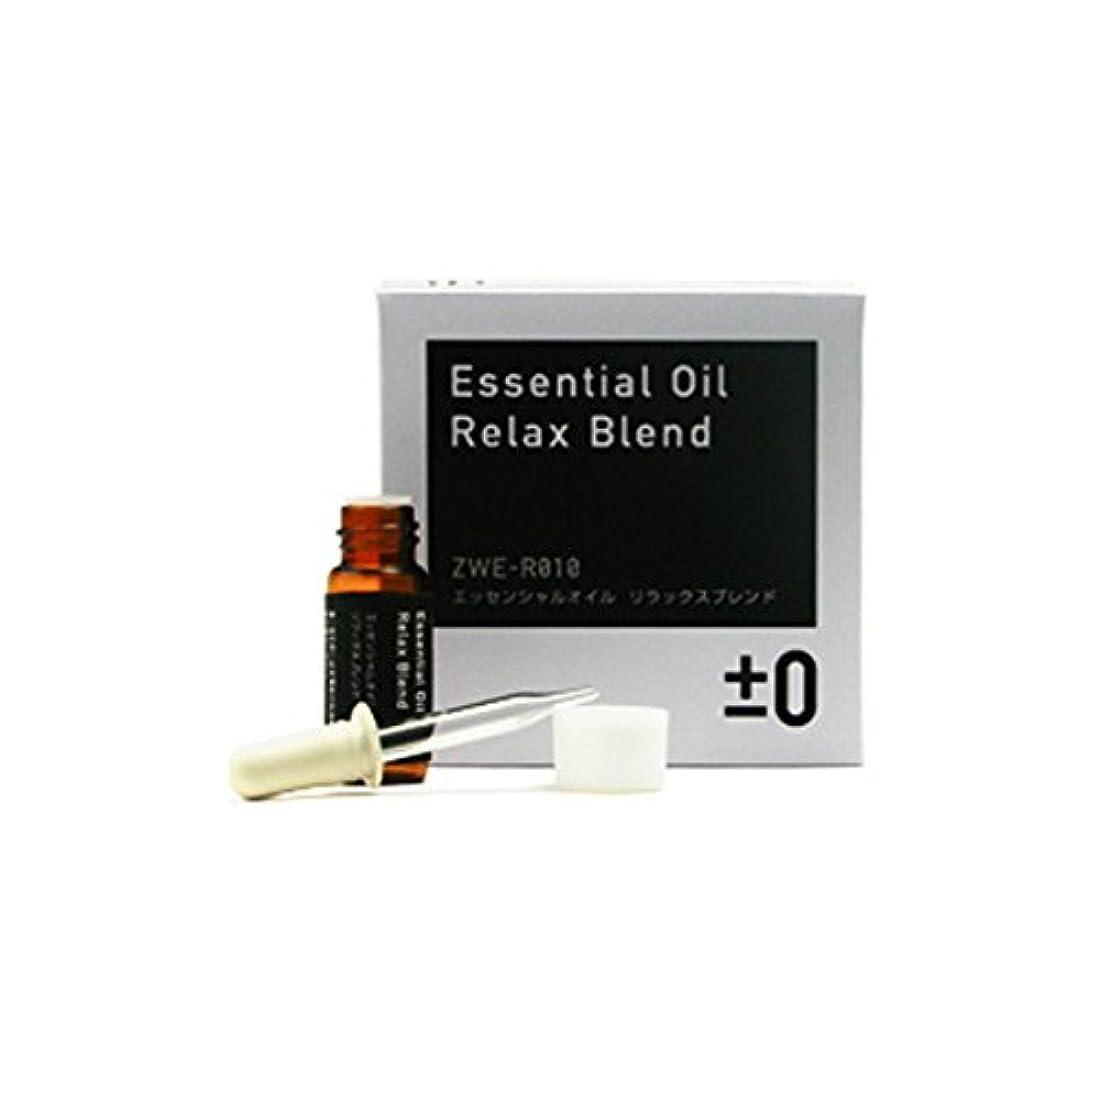 イベント闇フォーマルプラスマイナスゼロ ±0 エッセンシャルオイル(リラックスブレンド)Essential Oil Relax Blend